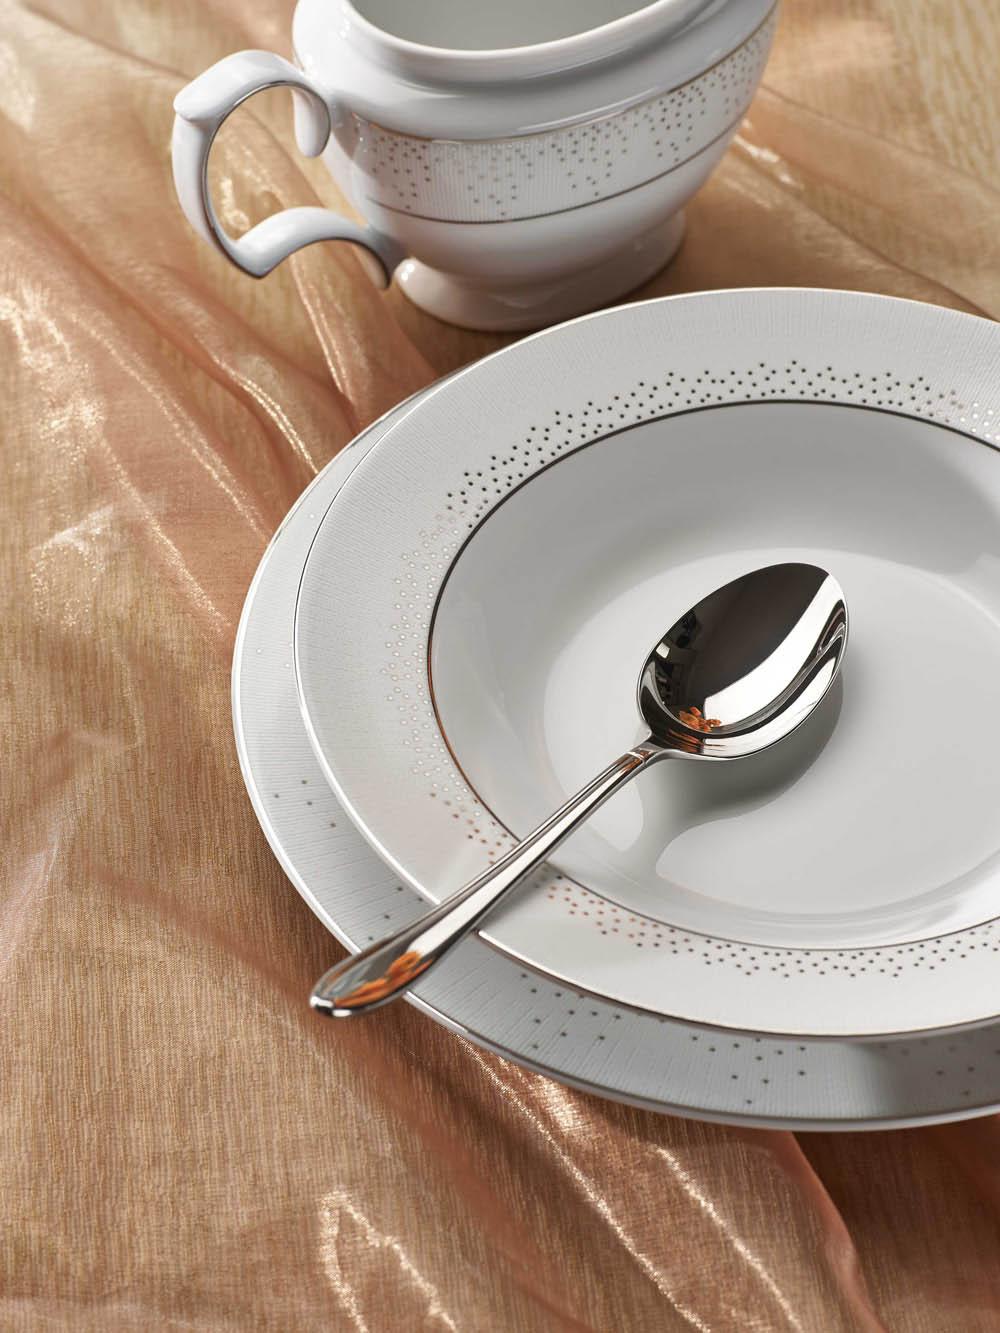 Serwis / Zestaw obiadowy na 12 osób porcelana MariaPaula Snow